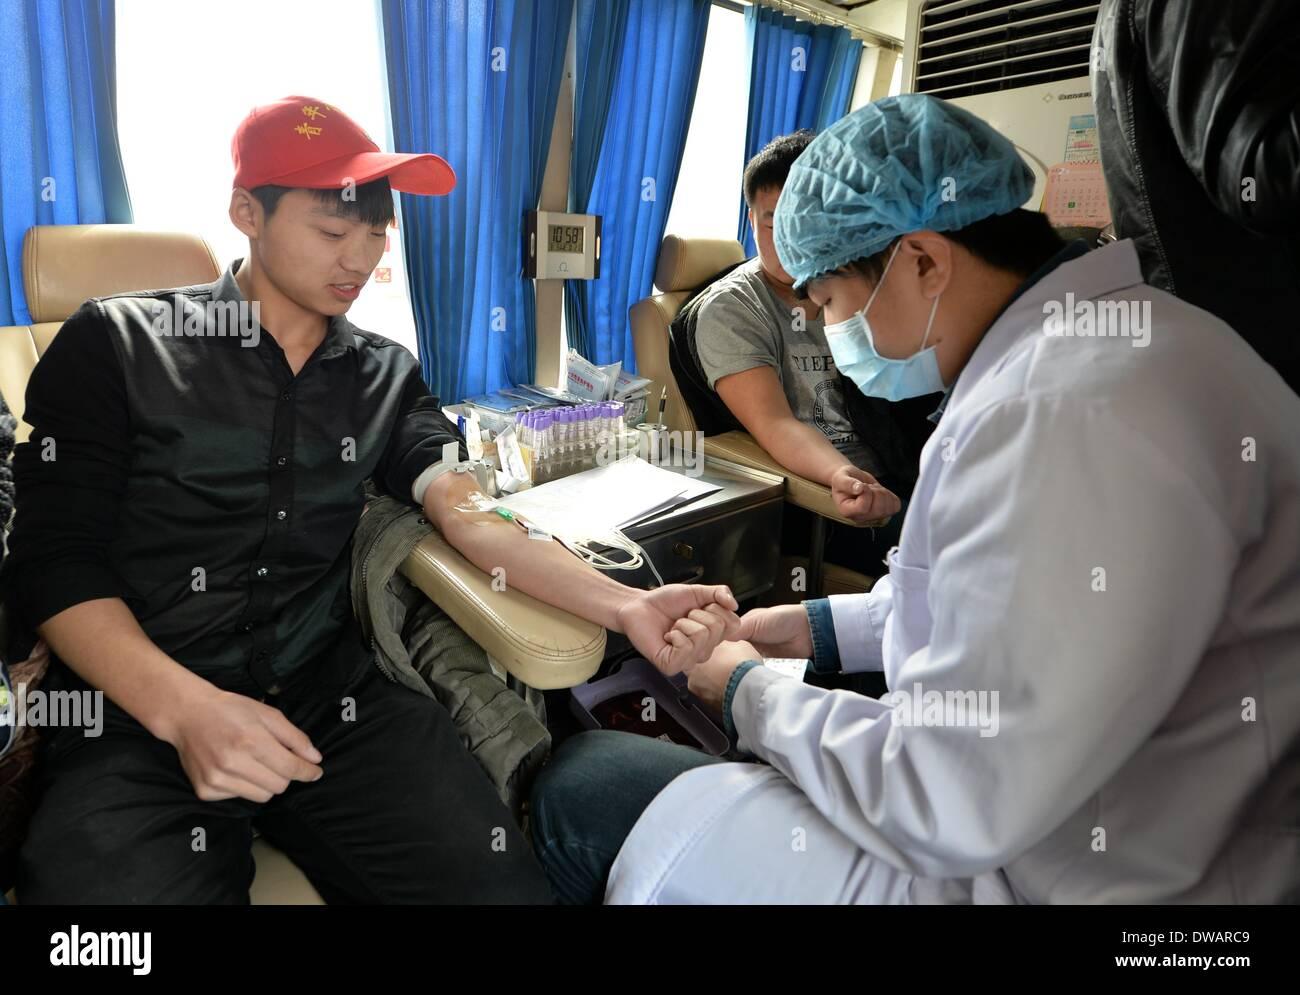 """Xingtai, soldato cinese negli anni sessanta. Il 15 agosto, 1962. Uno studente di college dona sangue nella città di Xingtai, nel nord della Cina di nella provincia di Hebei, 5 marzo 2014, in occasione della """"Lei Feng's Day"""", che cade il 5 marzo di ogni anno. Lei, un giovane soldato cinese negli anni sessanta, è noto per aver dedicato quasi tutto il suo tempo di ricambio e denaro per aiutare disinteressatamente i bisognosi. Egli è morto dopo essere stato colpito da una caduta di pole mentre aiutando un compagno soldato dirigere un carrello su 15 Agosto 1962. Credito: Zhu Xudong/Xinhua/Alamy Live News Immagini Stock"""